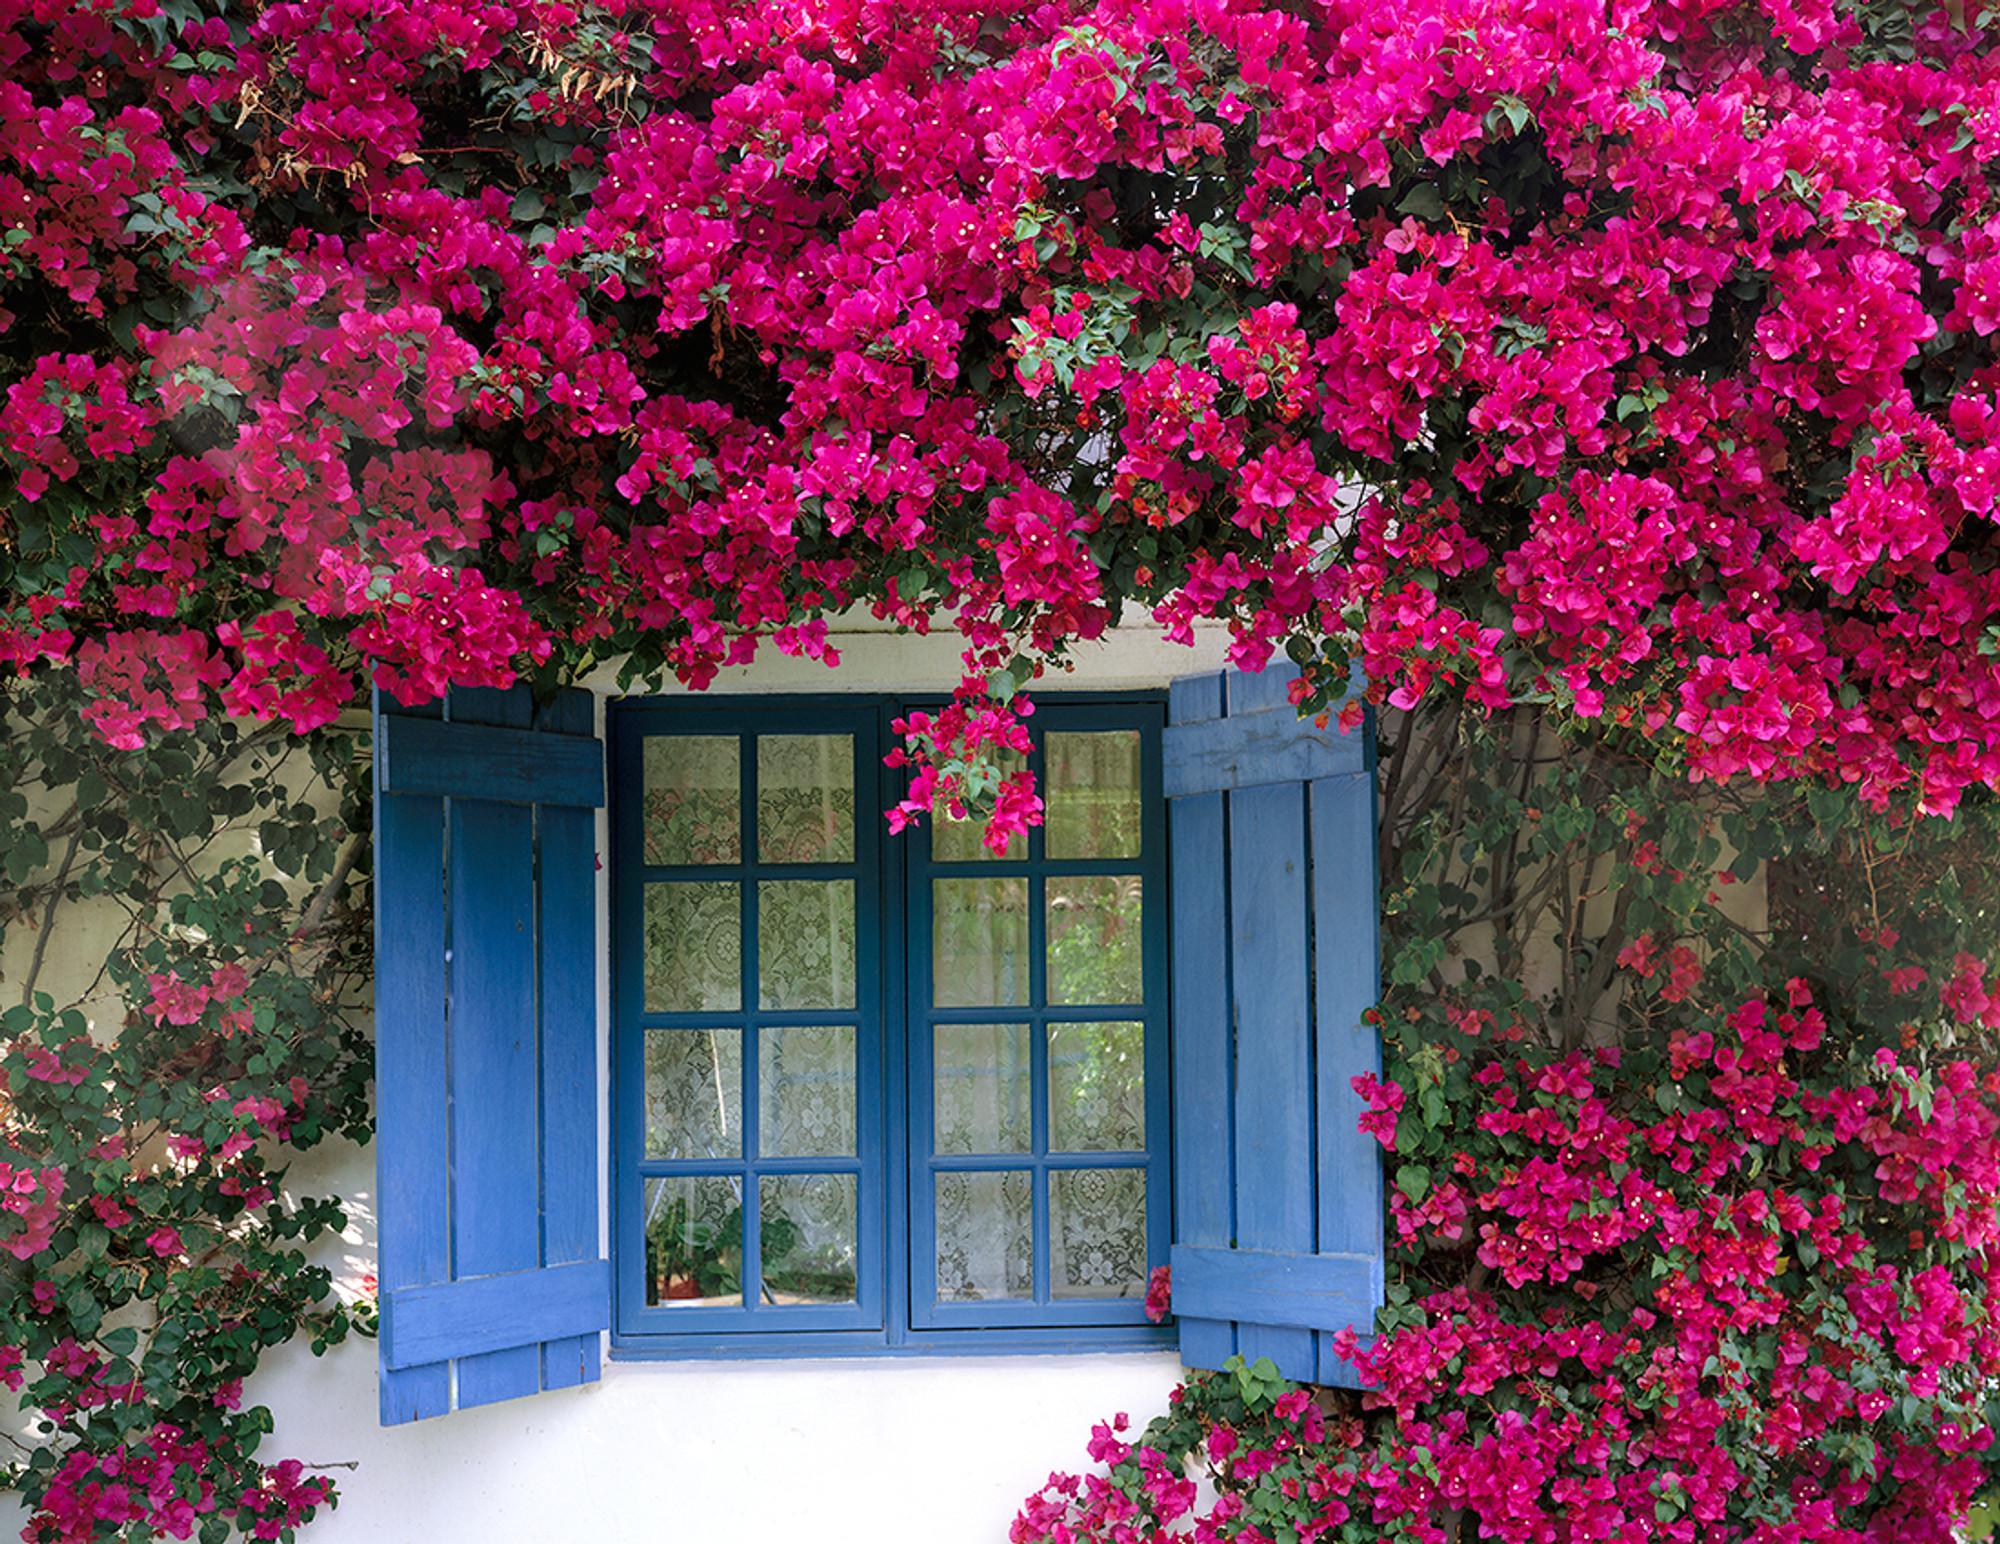 thiết kế chung cư mini với hoa giấy